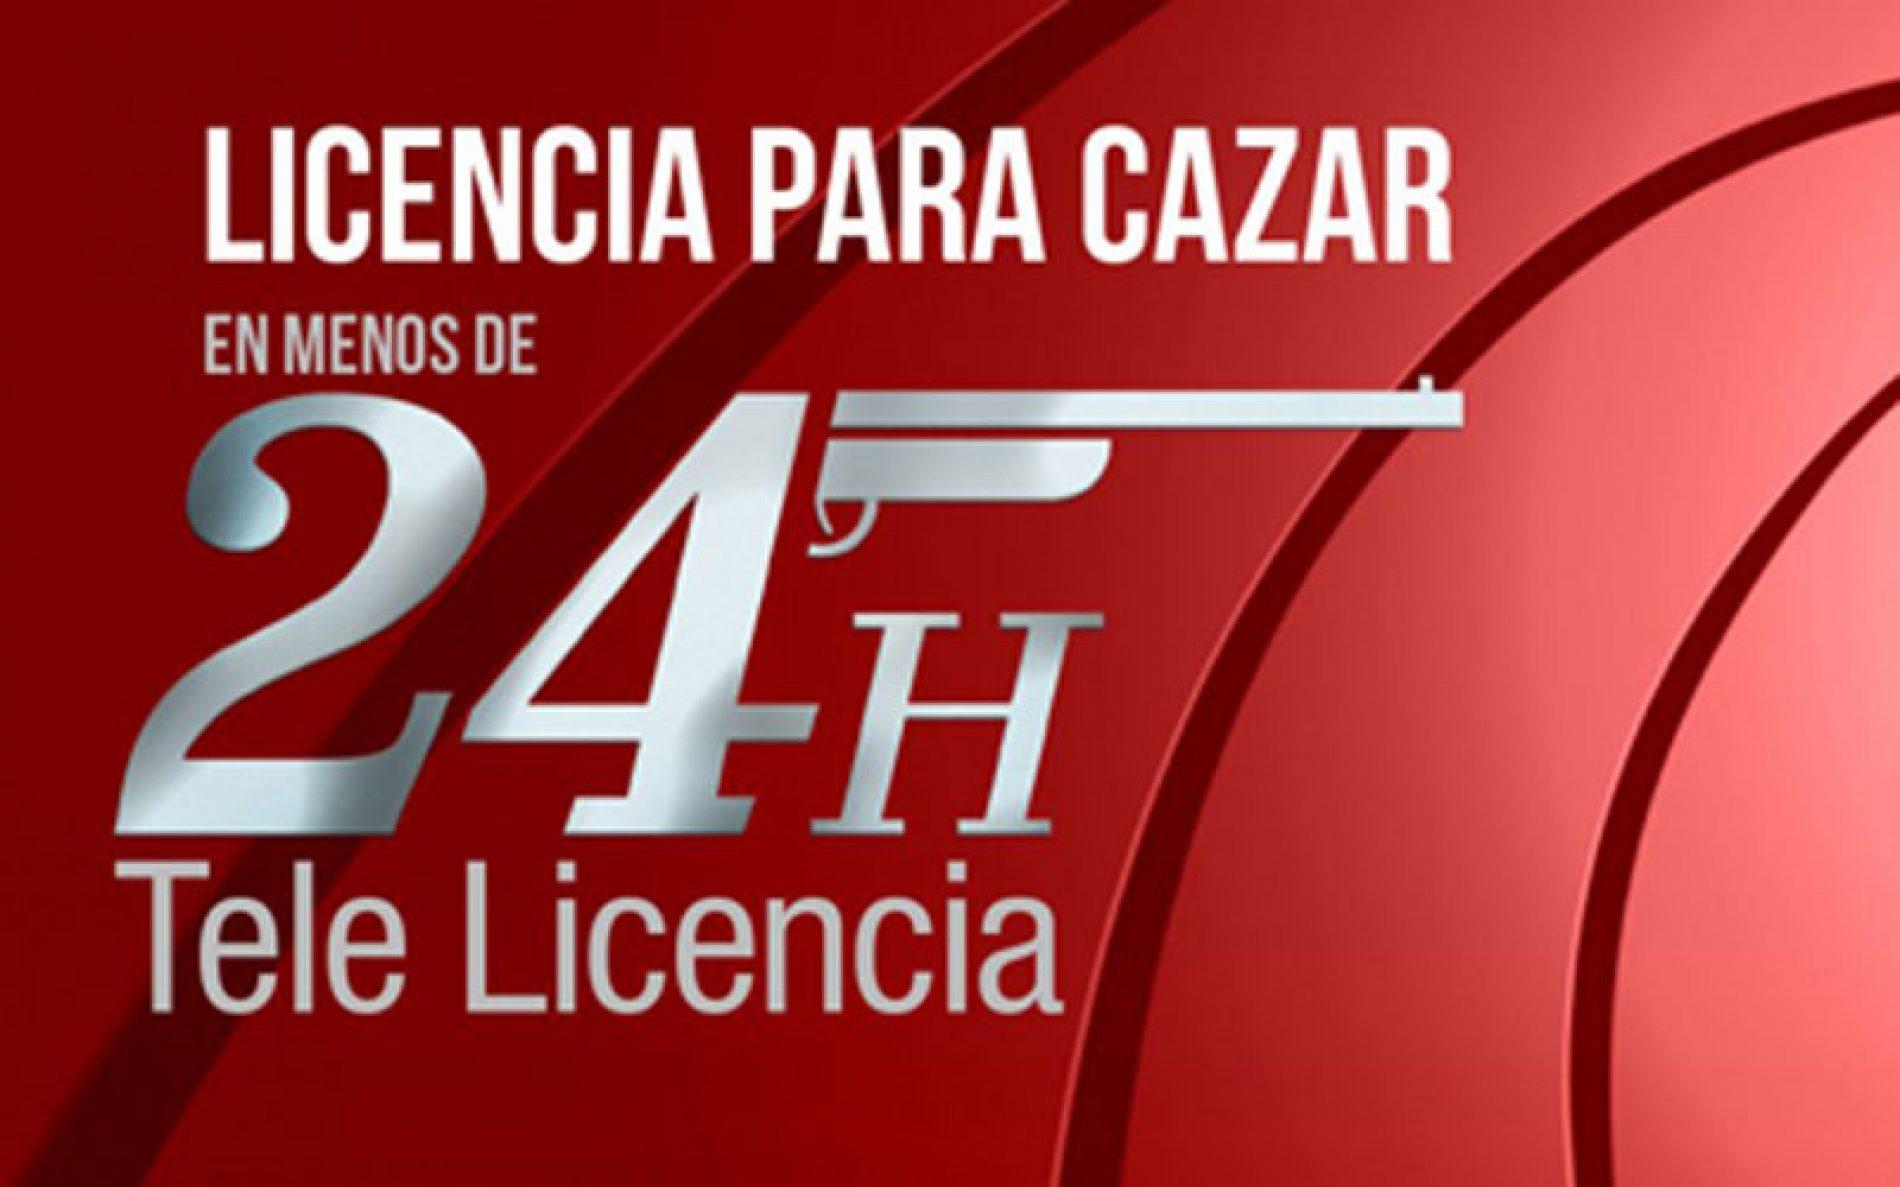 La empresa Tele Licencia estrena nueva sede en Madrid